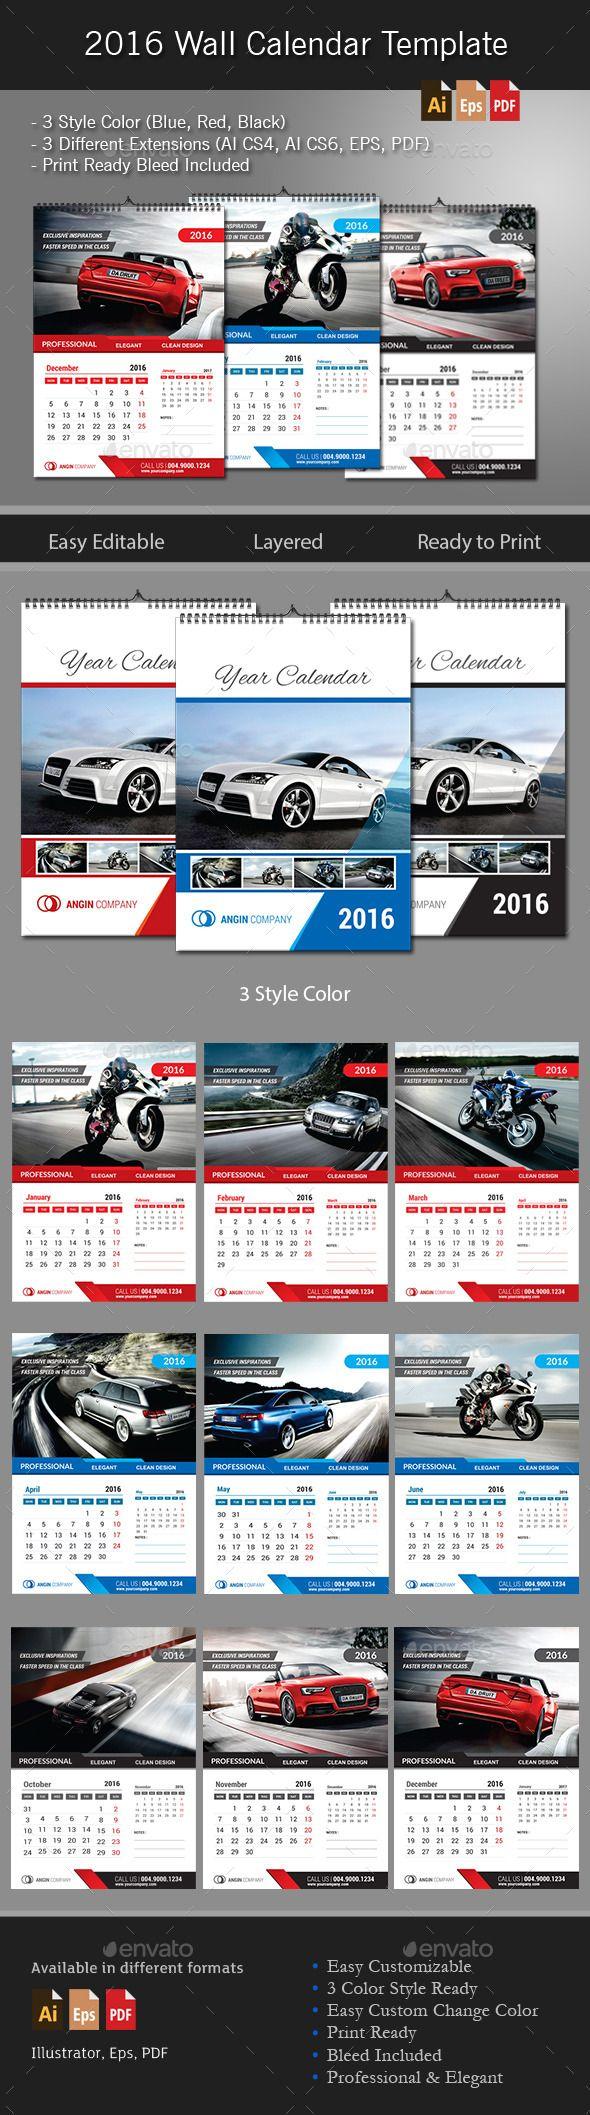 2016 Wall Calendar Template #calendar #2016